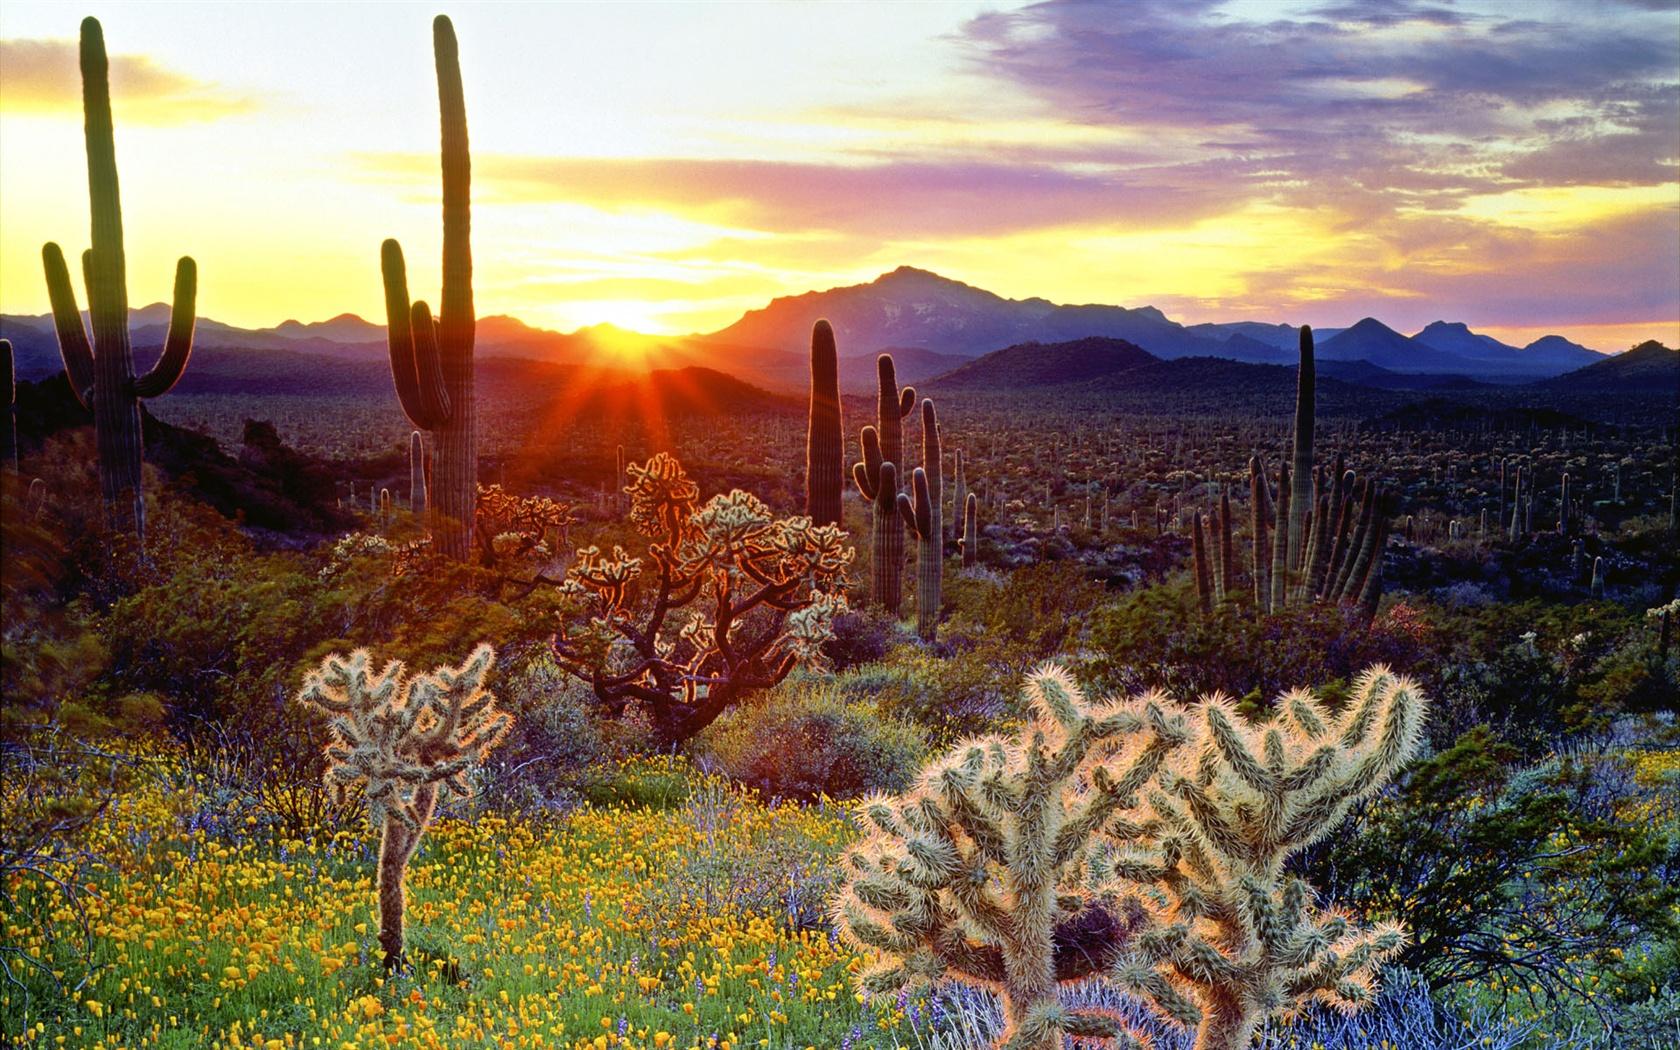 アメリカの風景は、山にはサボテンで覆われている ... アメリカの風景は、山にはサボテンで覆われ